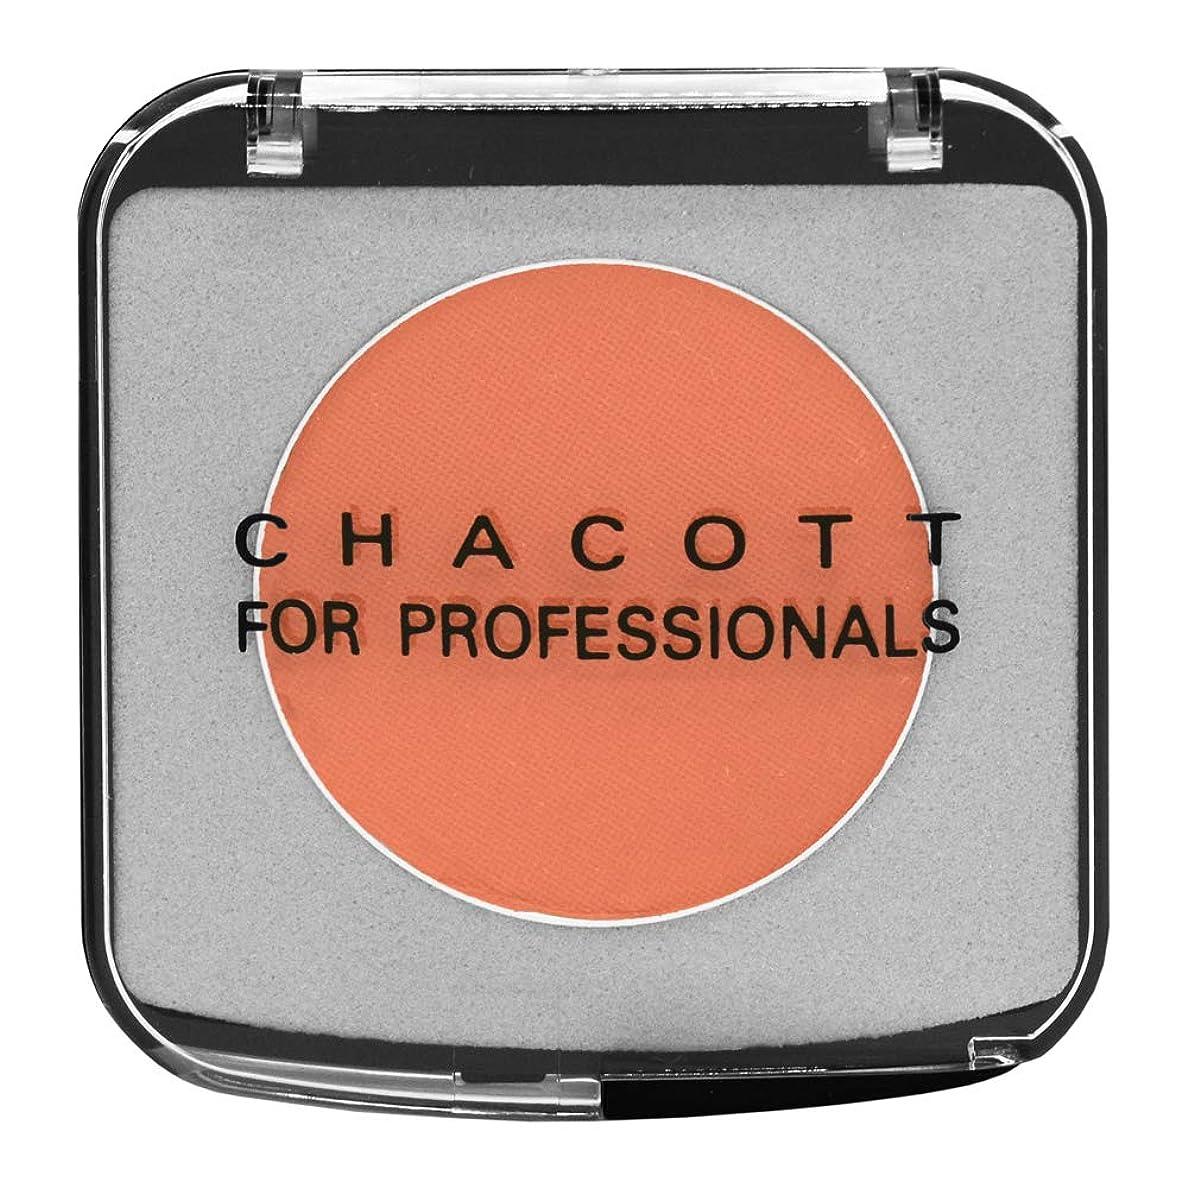 たらい口述検出可能CHACOTT<チャコット> カラーバリエーション 623.パンプキン